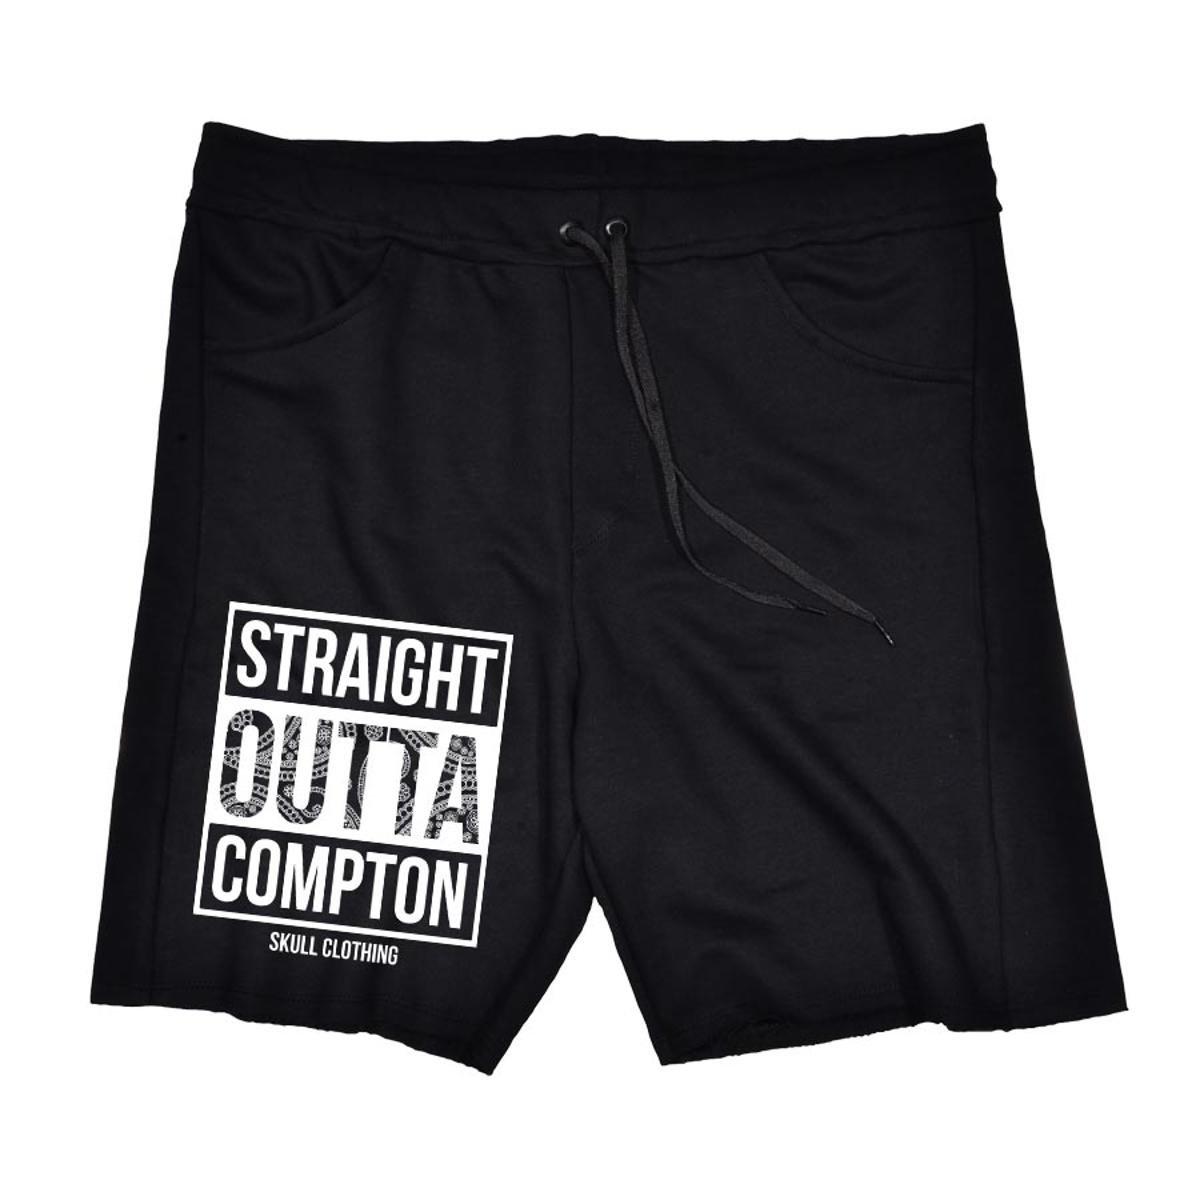 Bermuda Moletom Straight Outta Compton